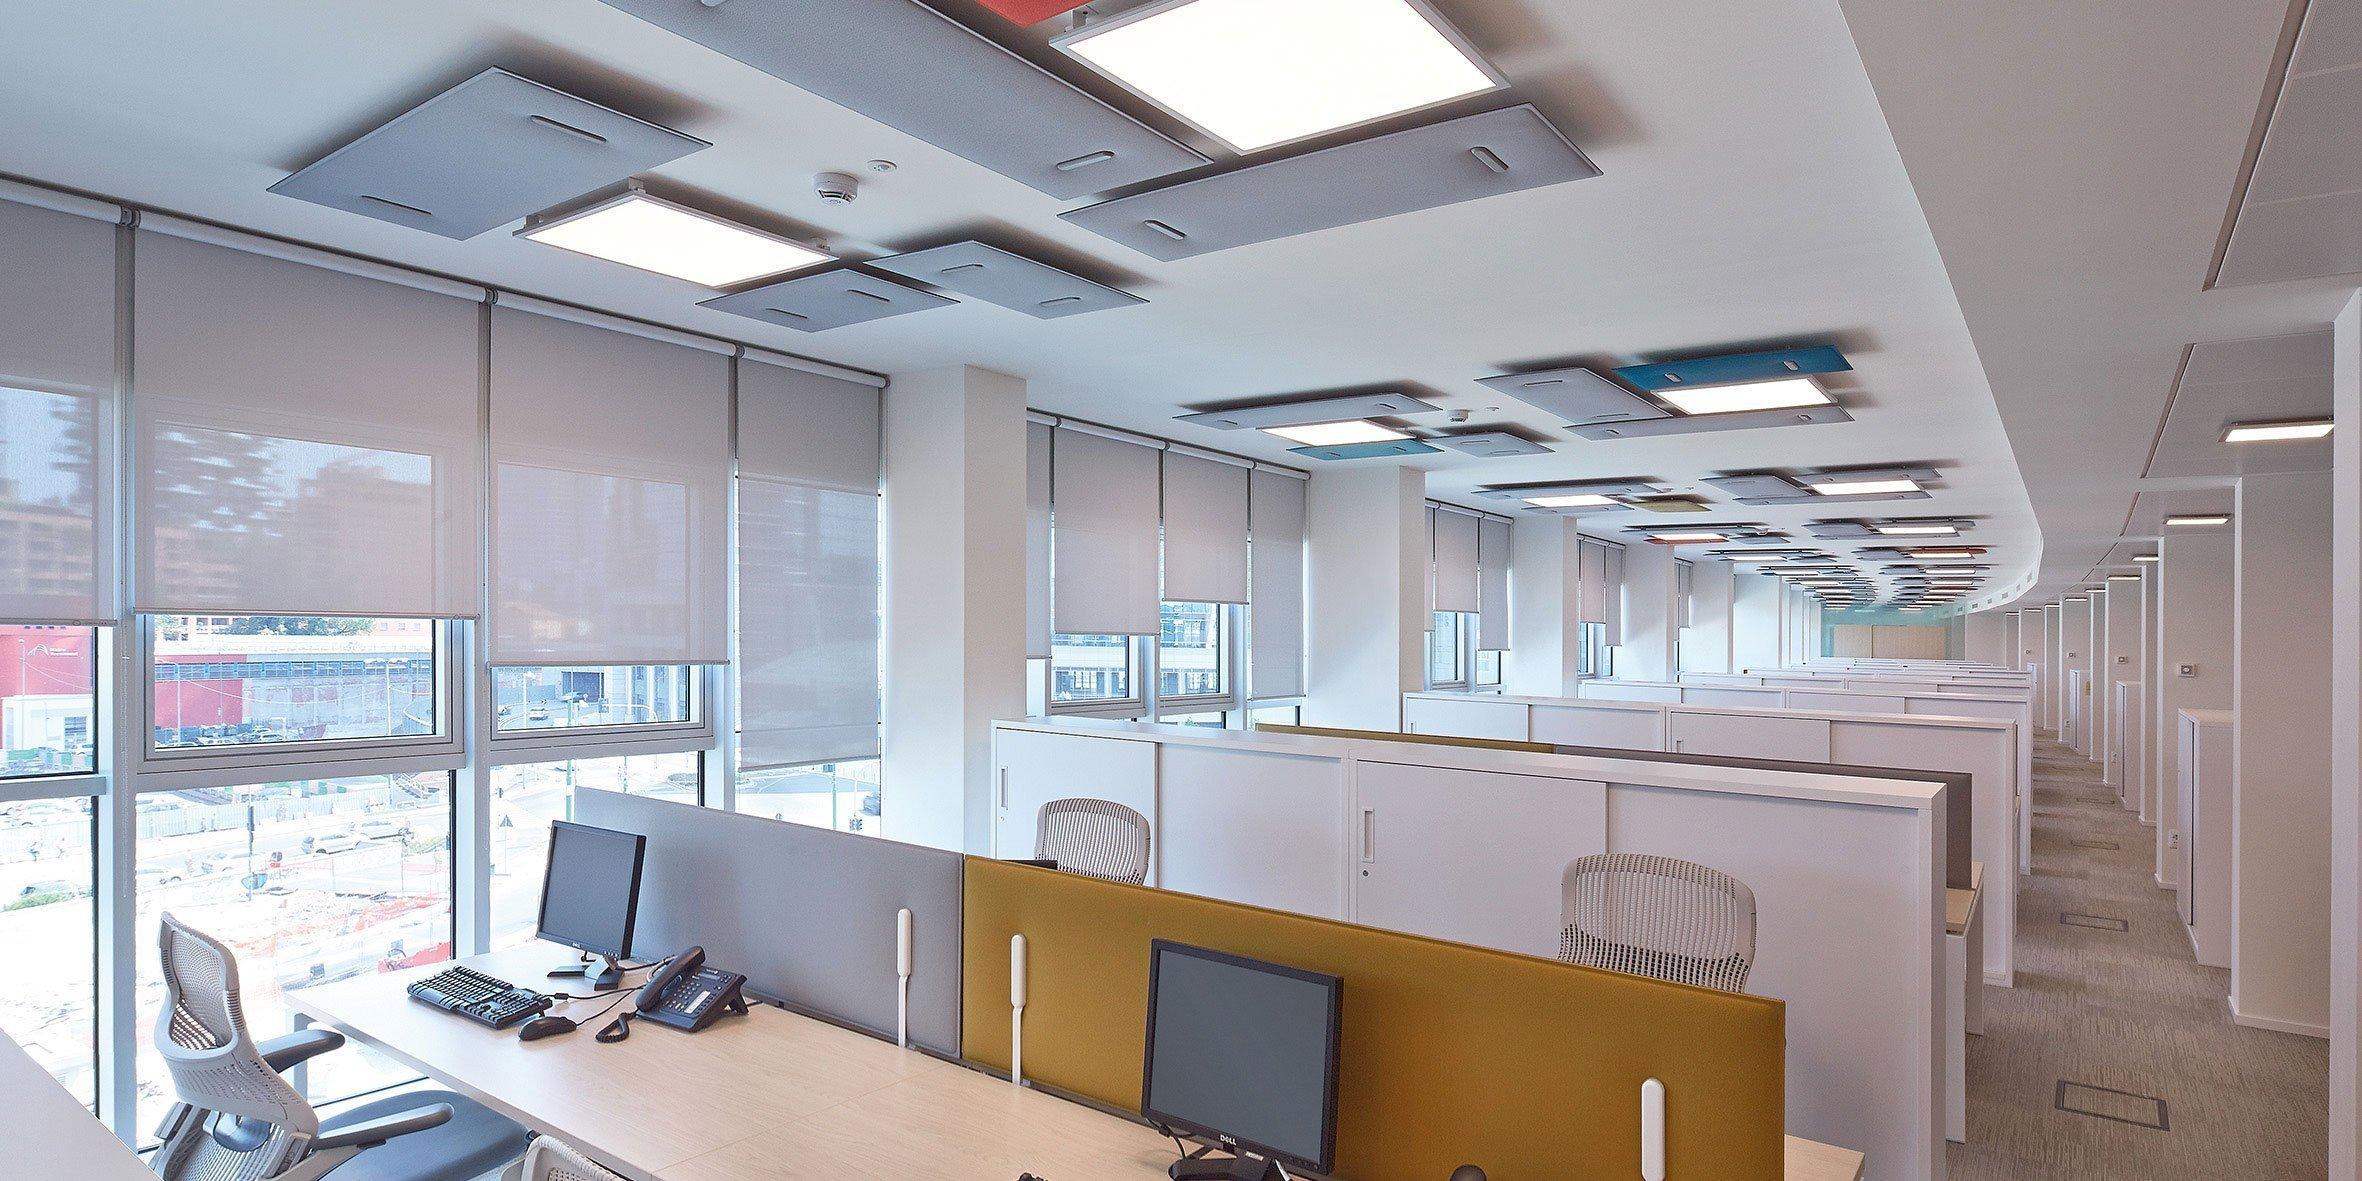 Pannelli fonoassorbenti arredamento per ufficio for Accessori design ufficio